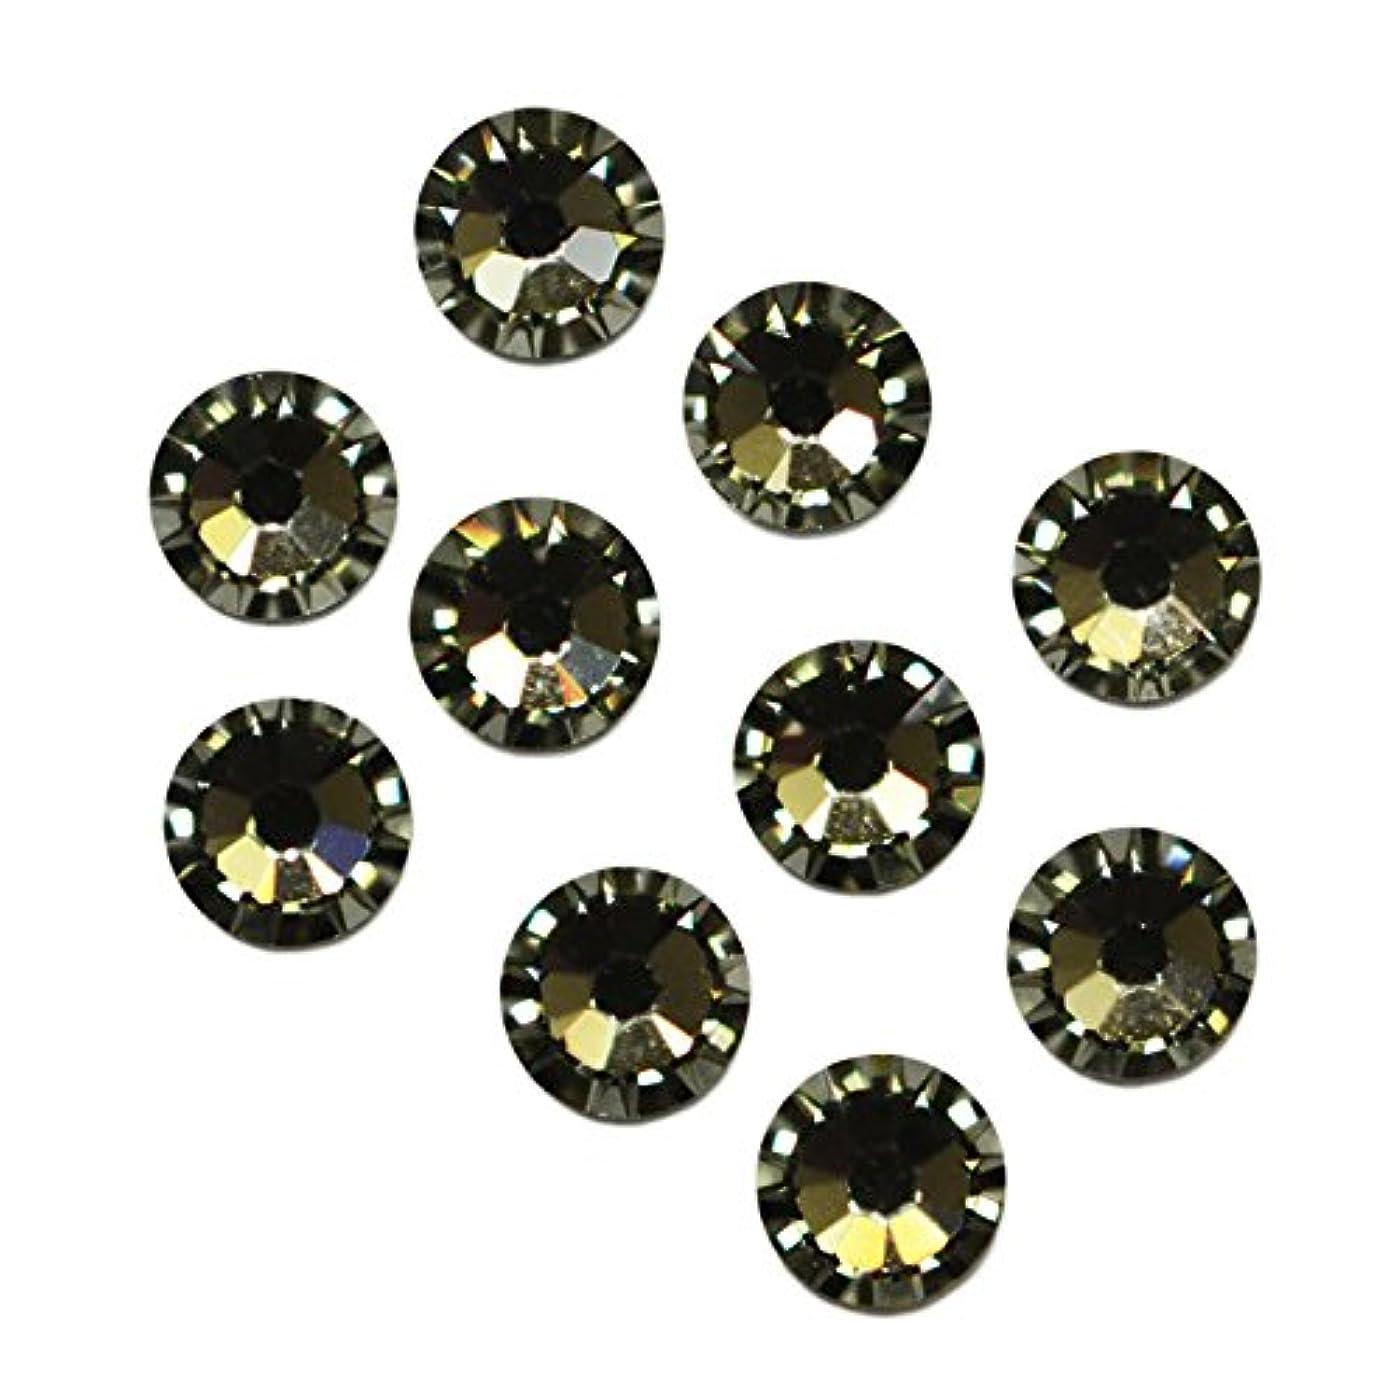 ヤングモンキー余剰スワロフスキーエレメント ブラックダイヤ /フラットバック ノンホットフィックス (ss30/8粒)